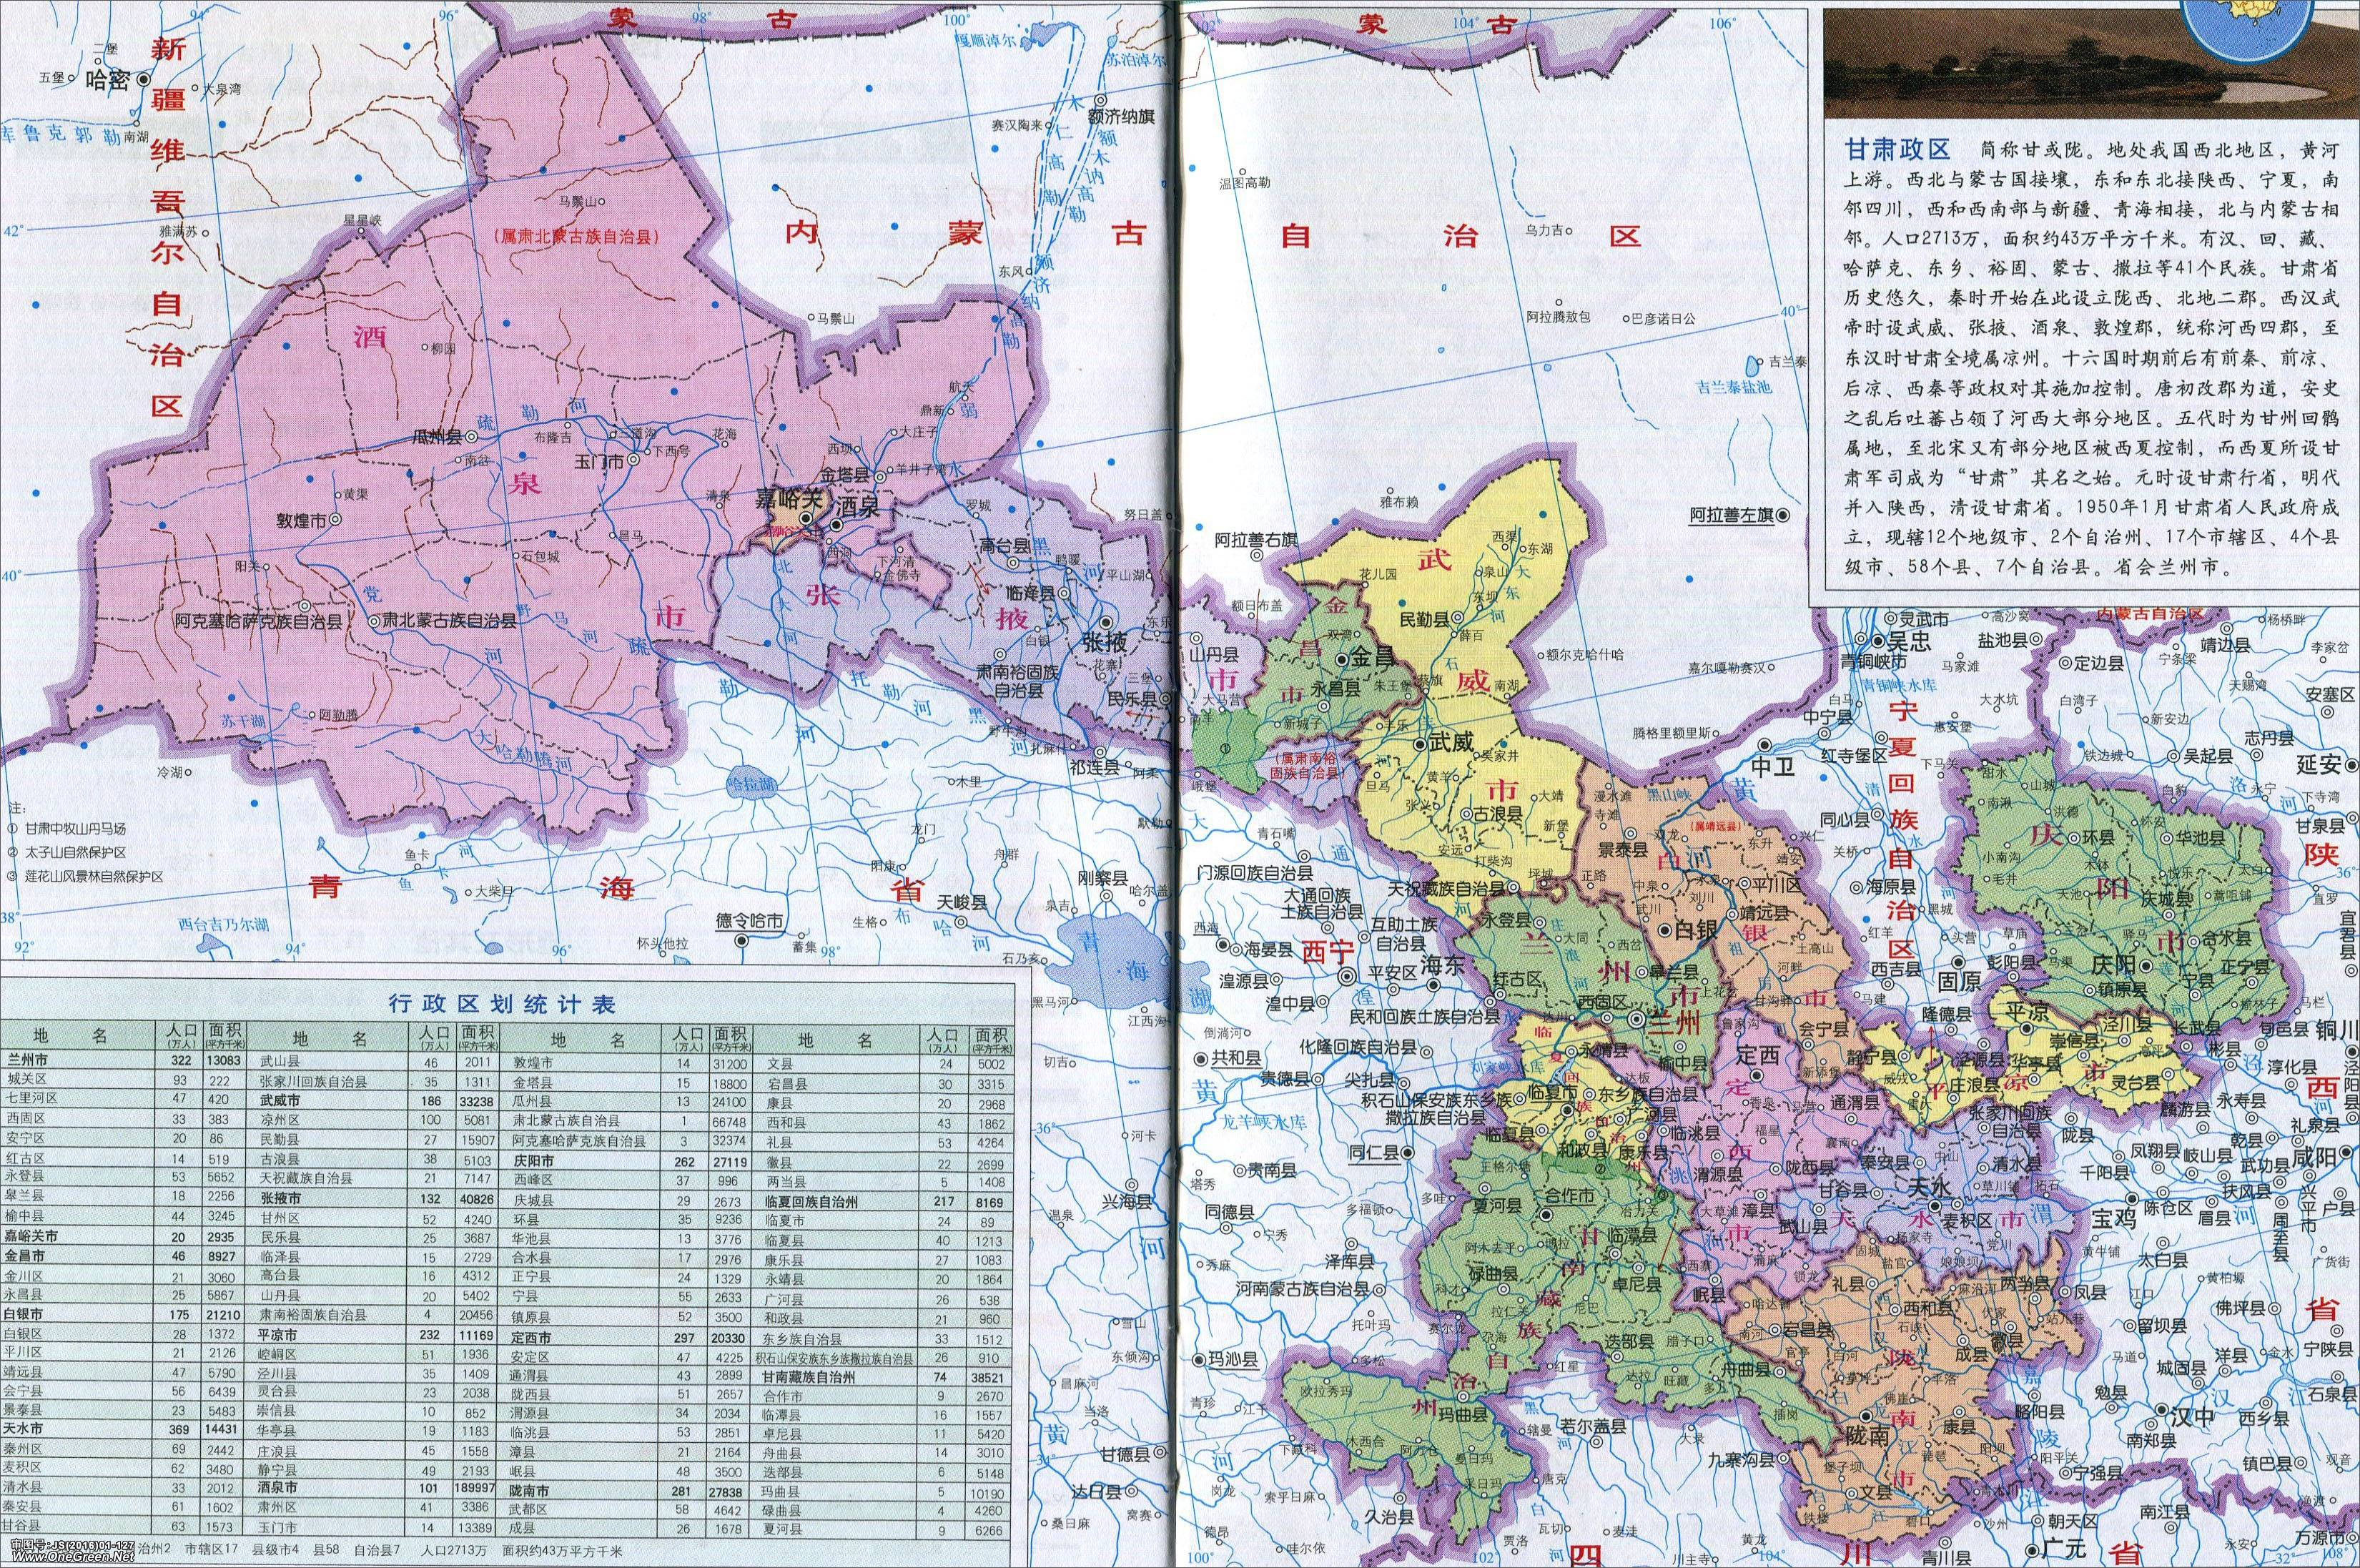 甘肃地图_甘肃省地图全图_甘肃地图高清版查询